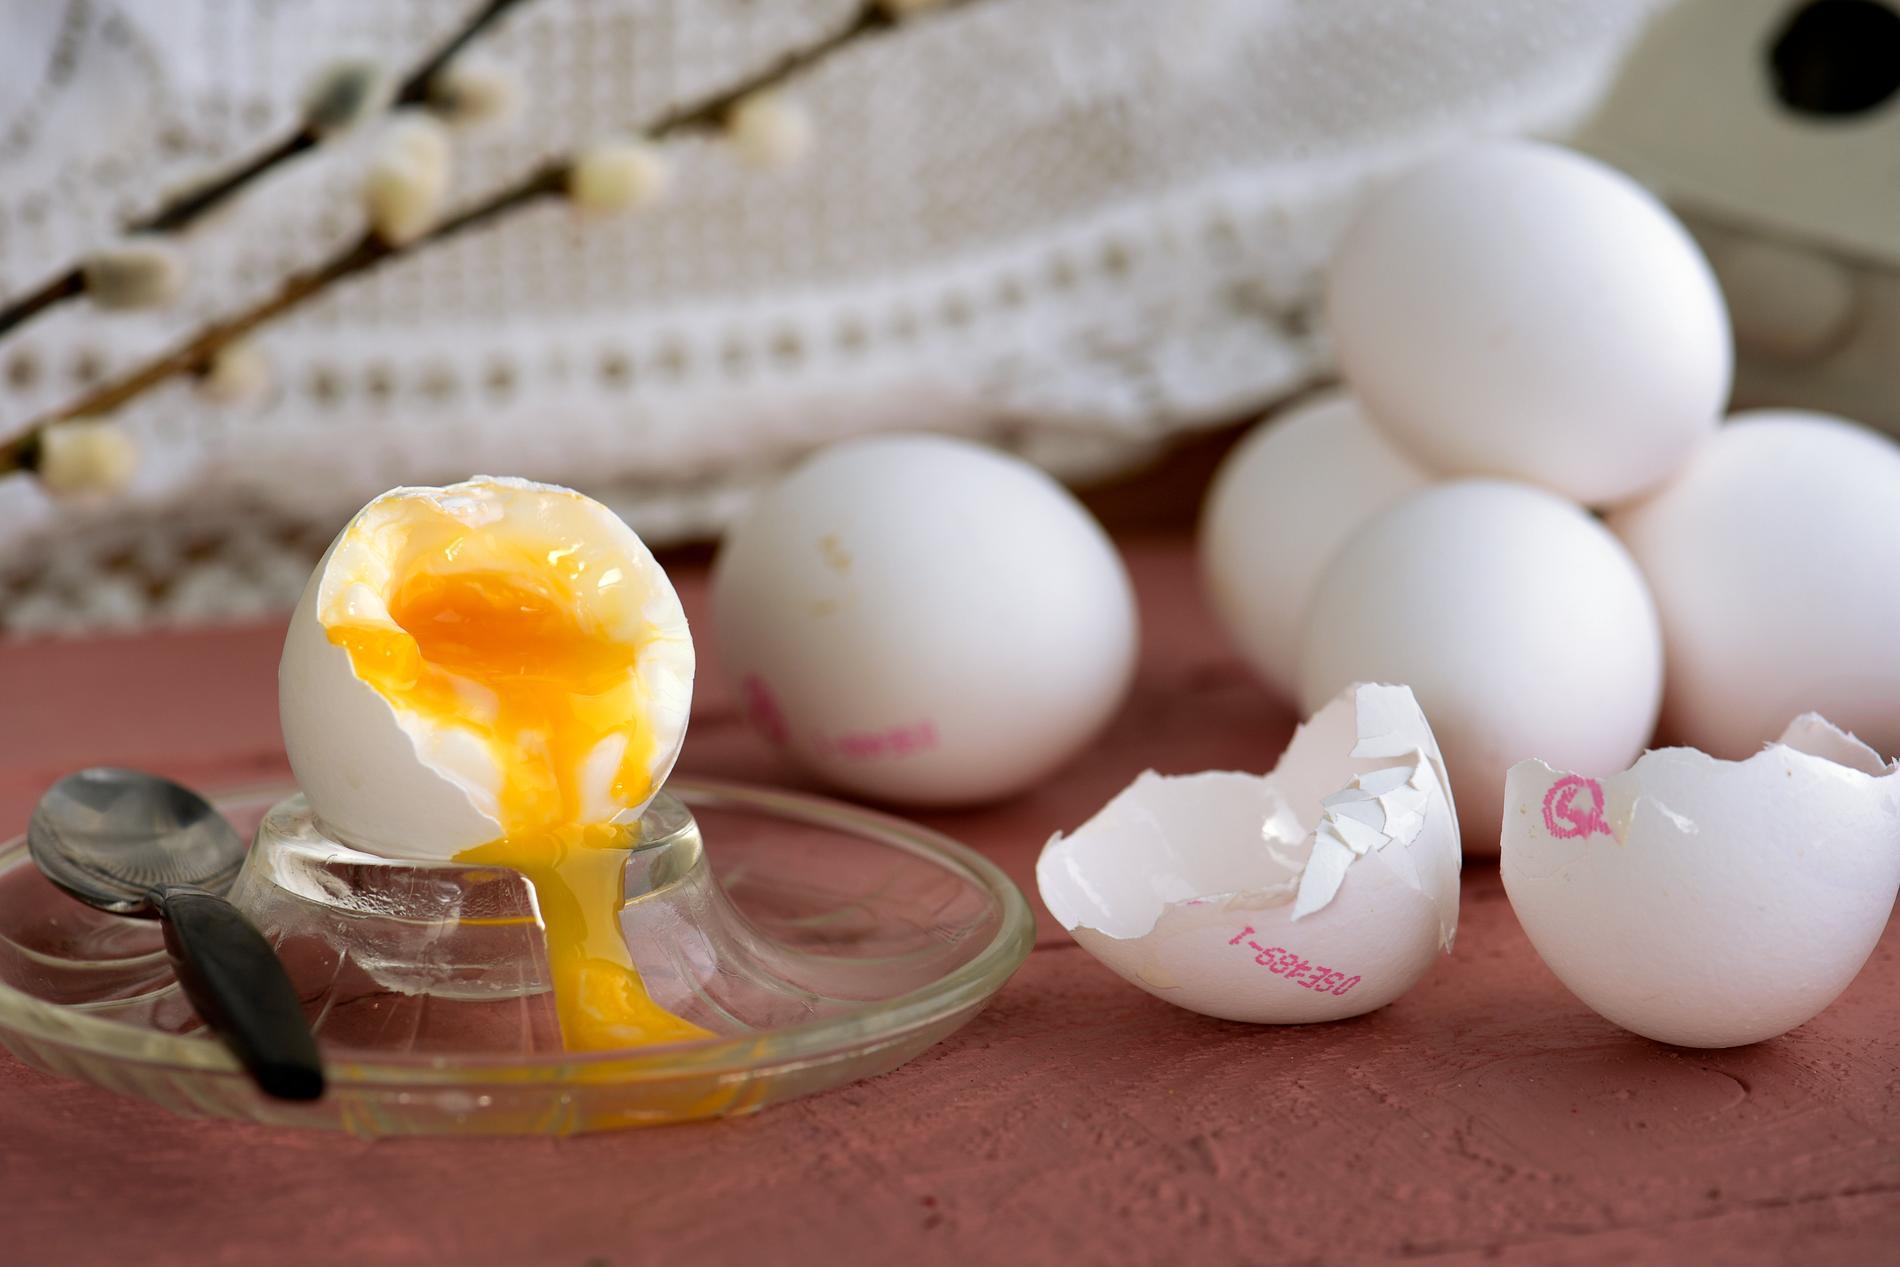 Ägg innehåller alltifrån protein till D-vitamin och viktiga aminosyror.